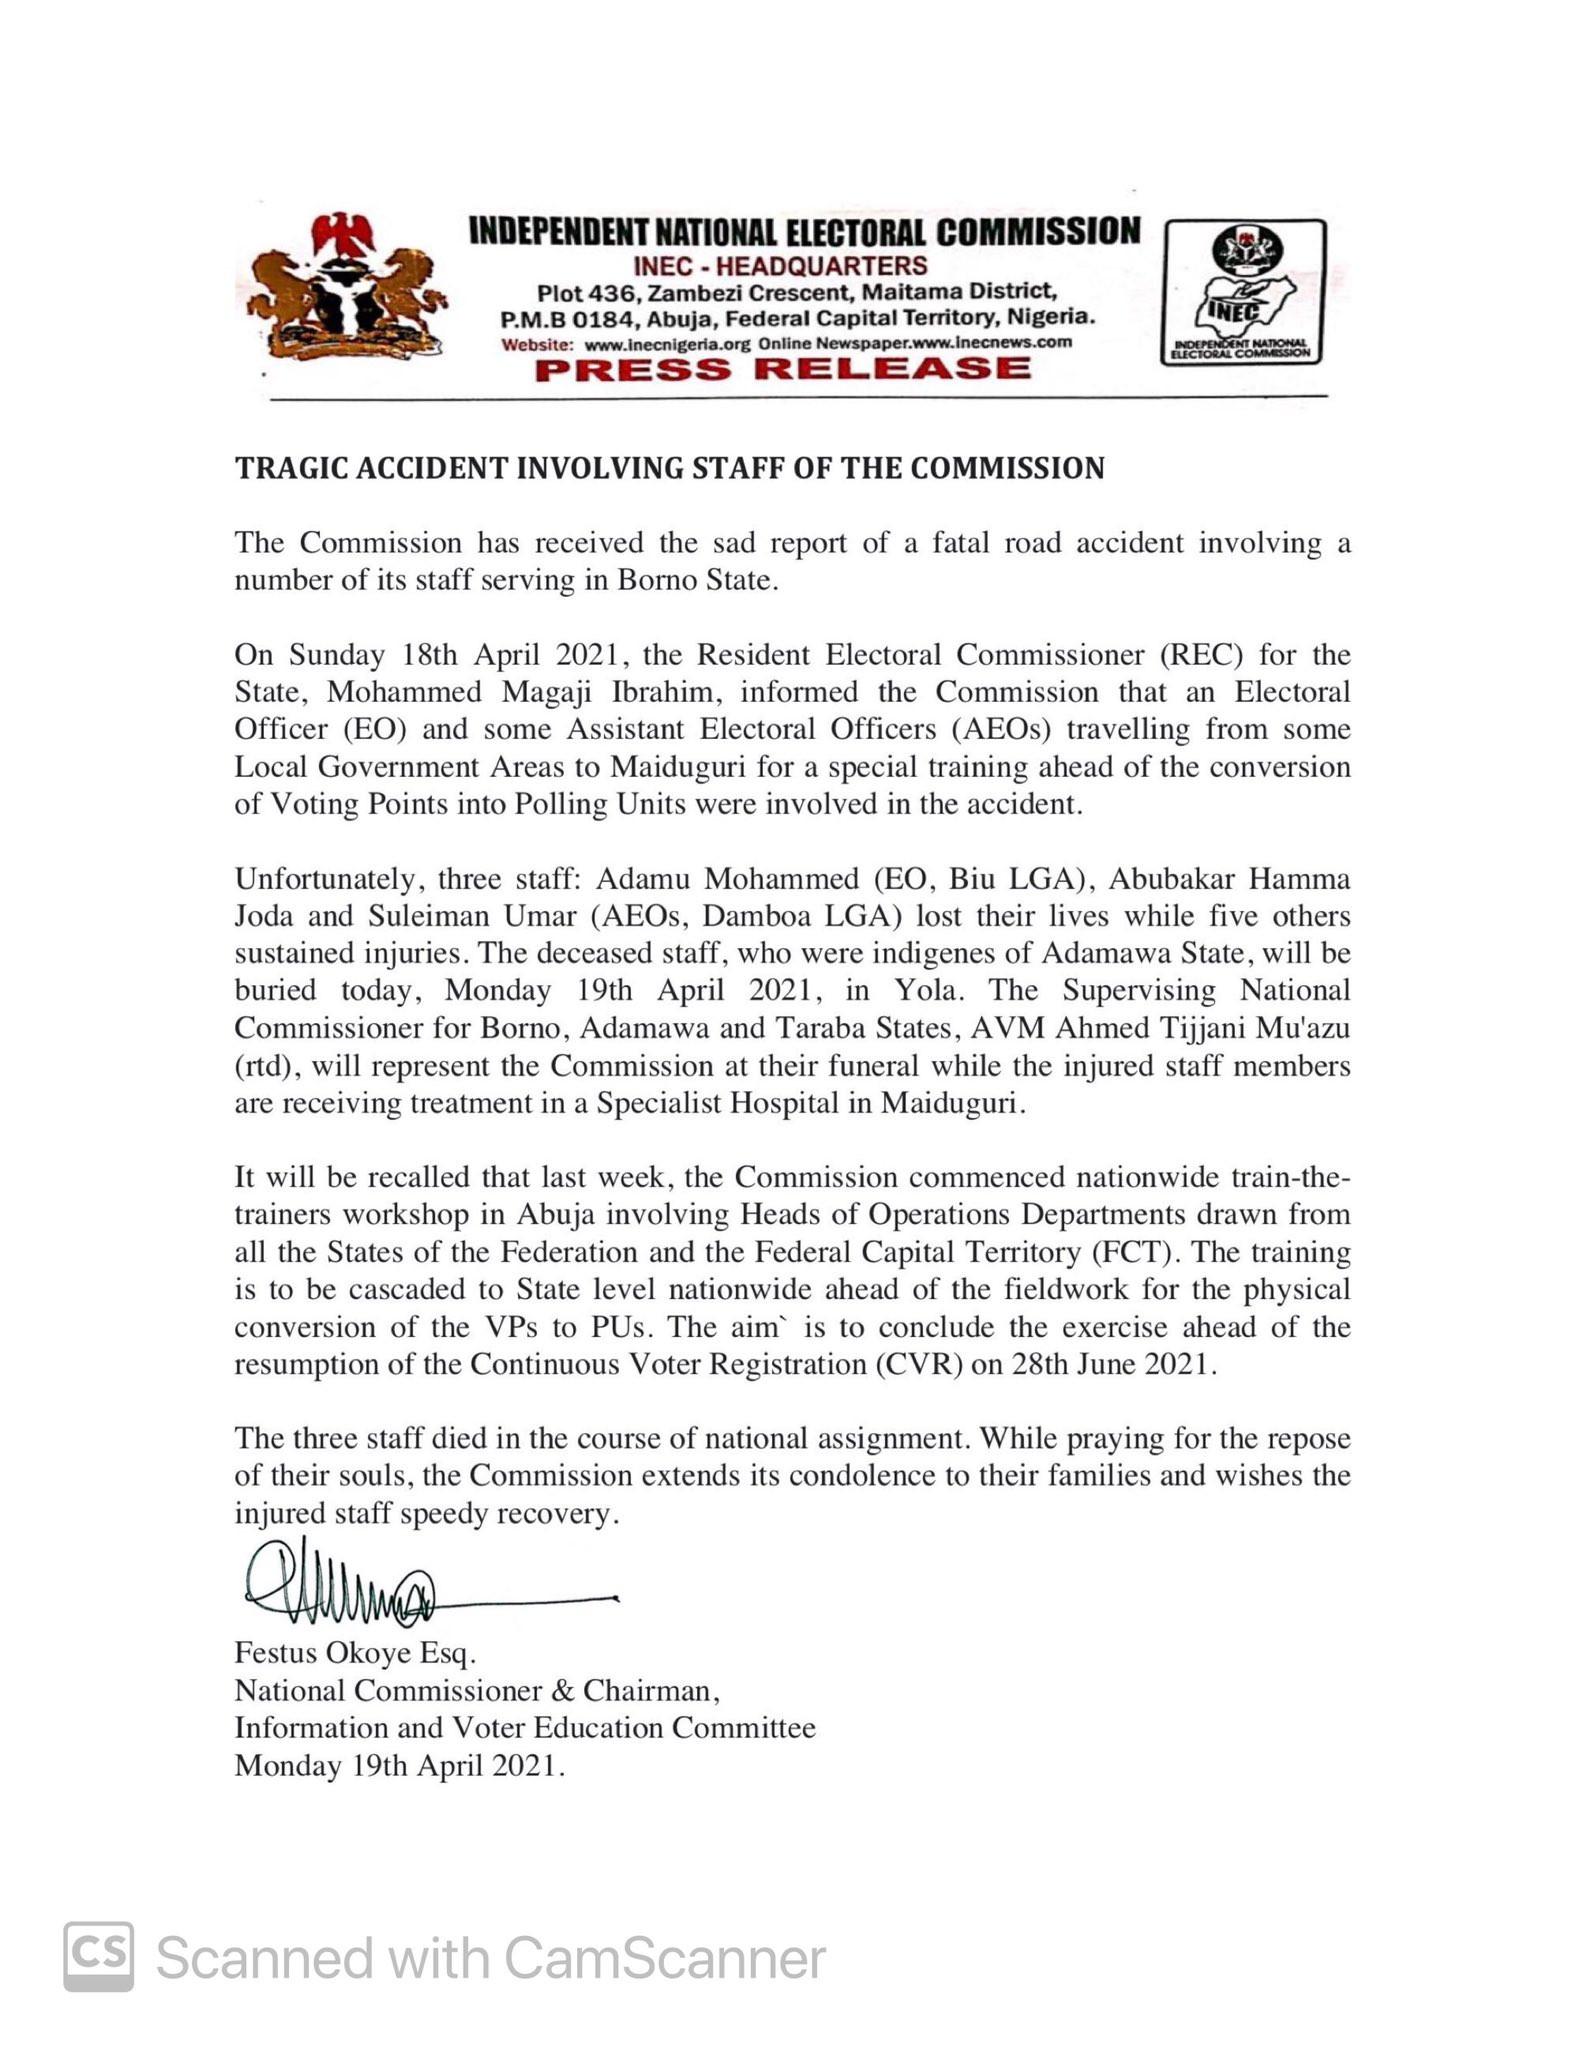 Three INEC Staff Killed In Road Accident In Borno